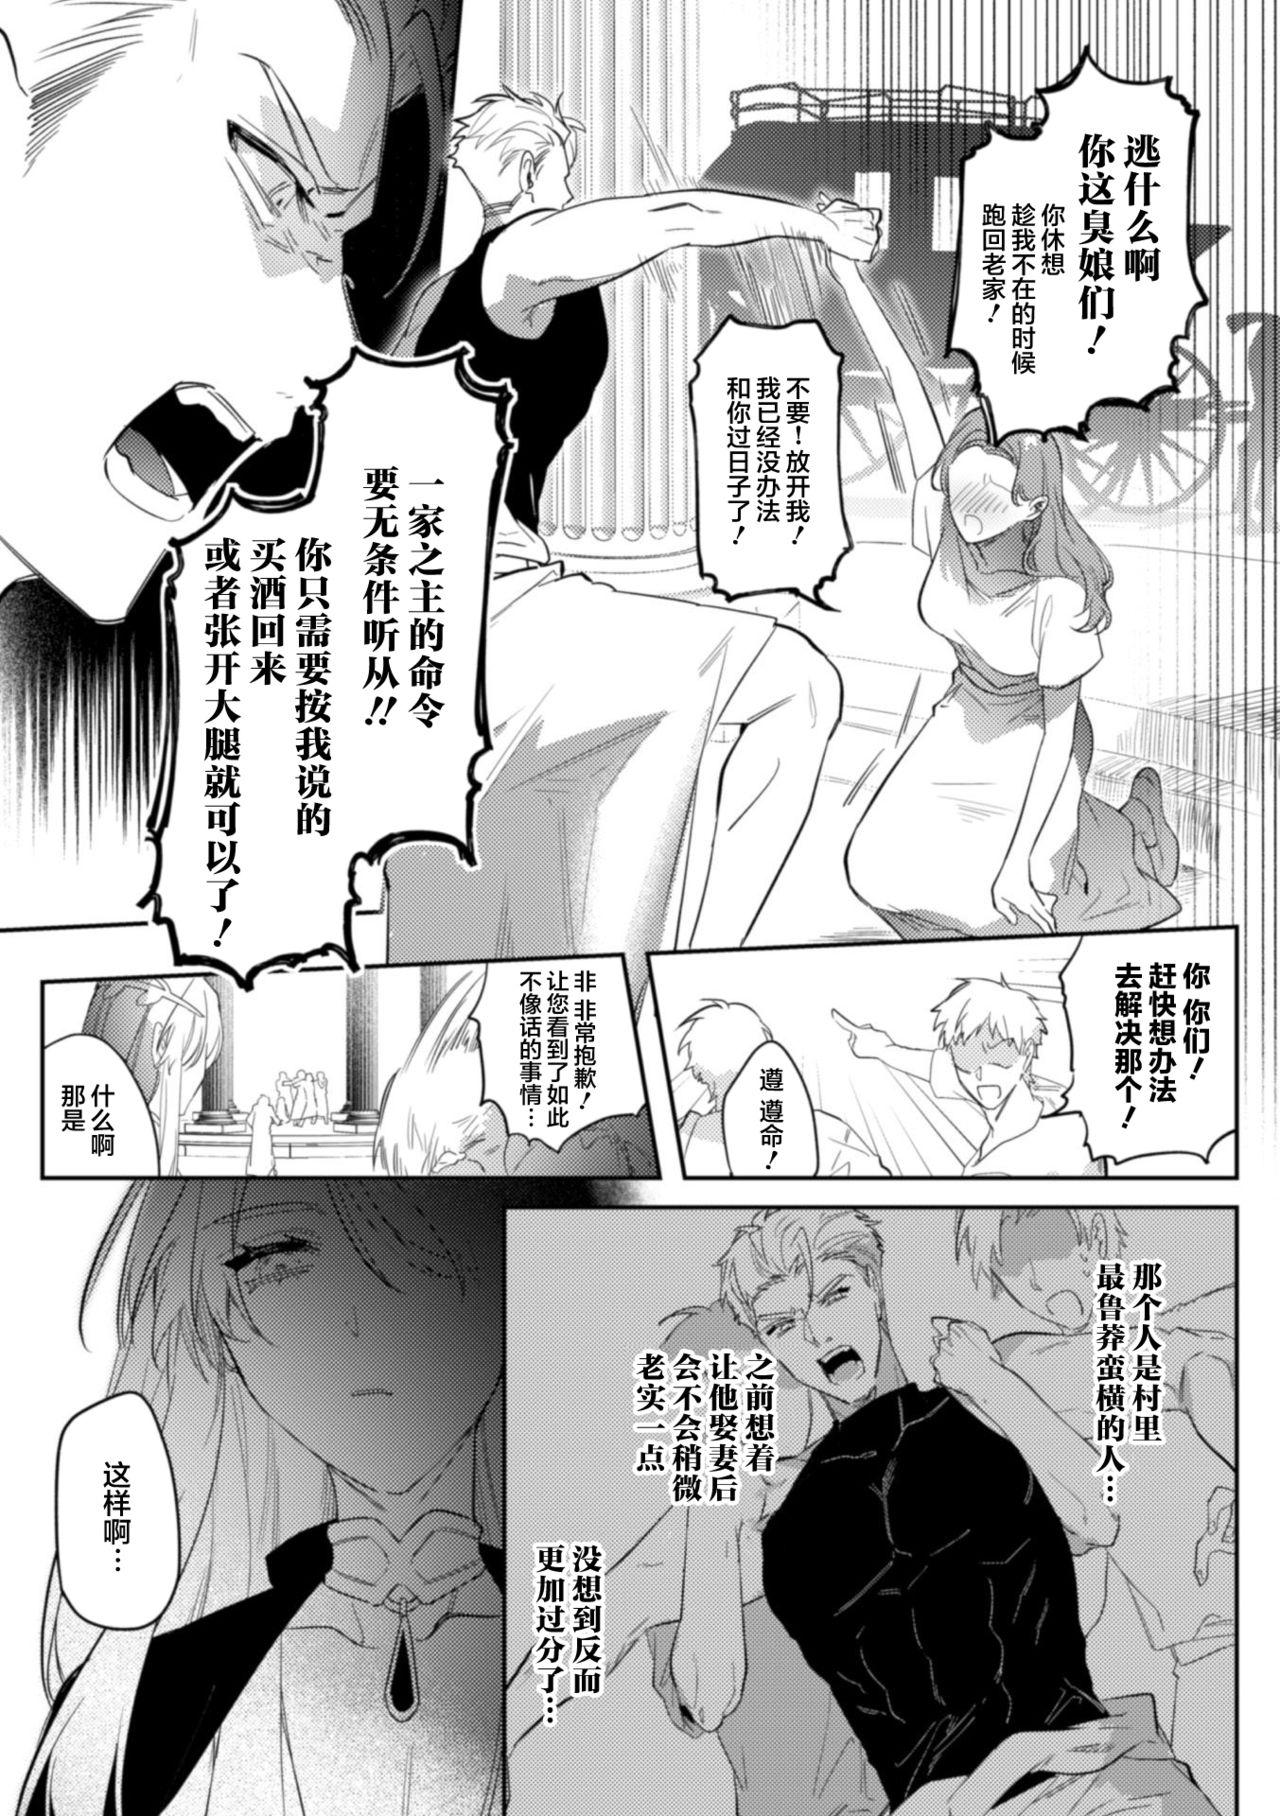 [Hagiyoshi] Intou Kyuuteishi ~Intei to Yobareta Bishounen~ Ch. 2Chinese]【不可视汉化】 3